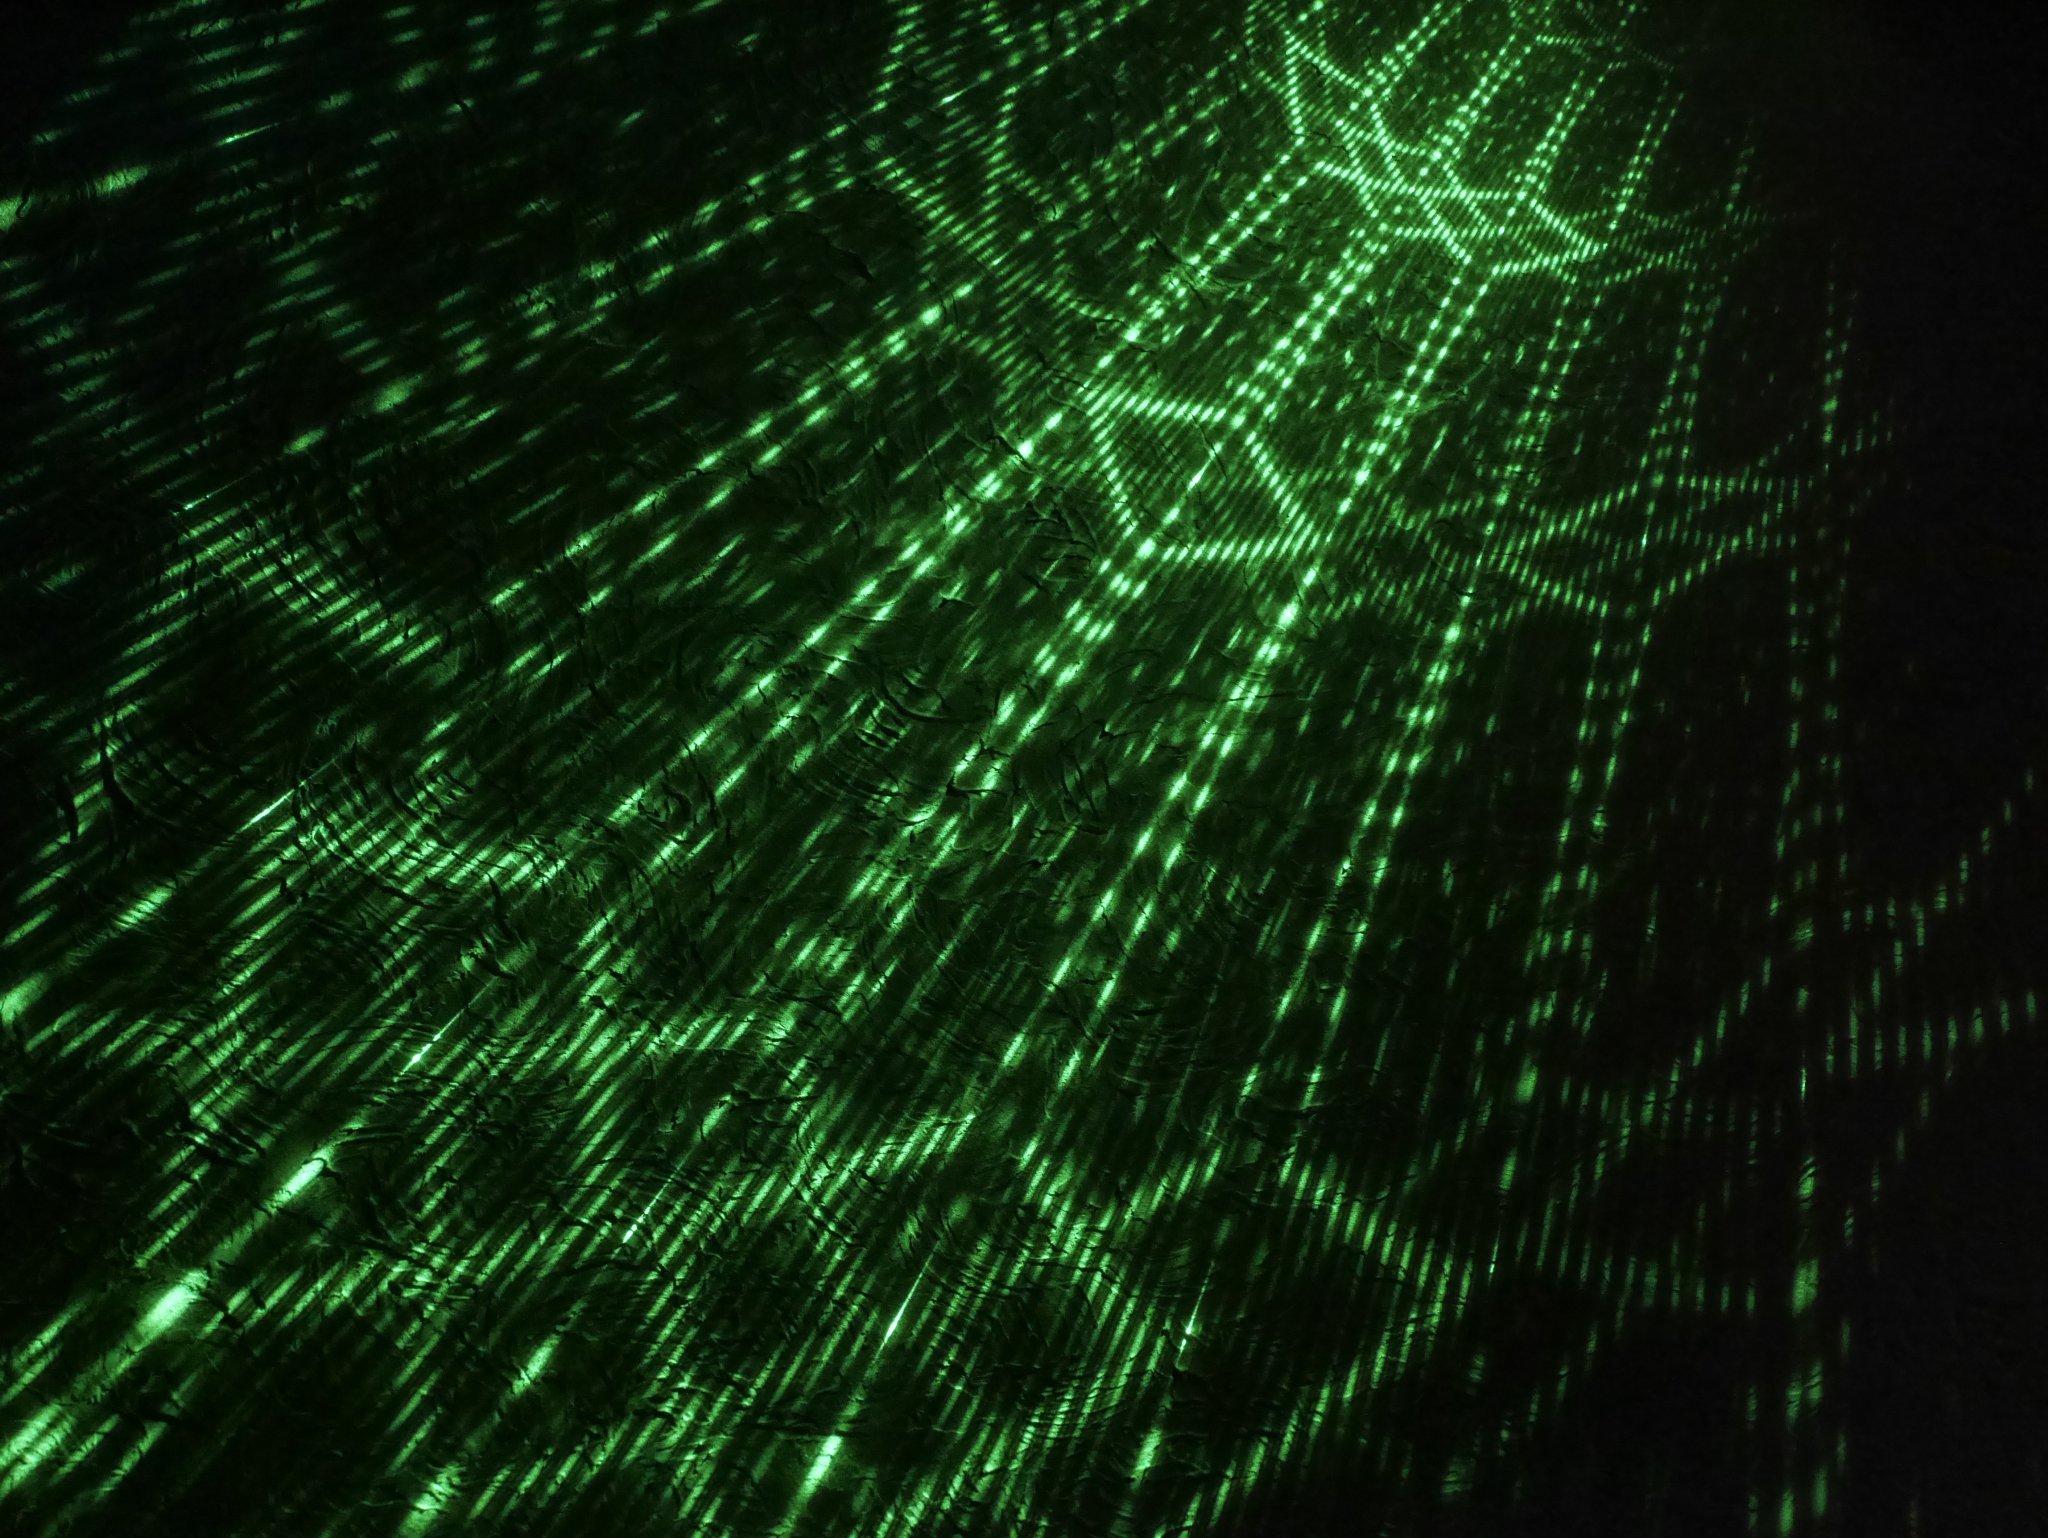 20190606-p2320228-laser-gobo